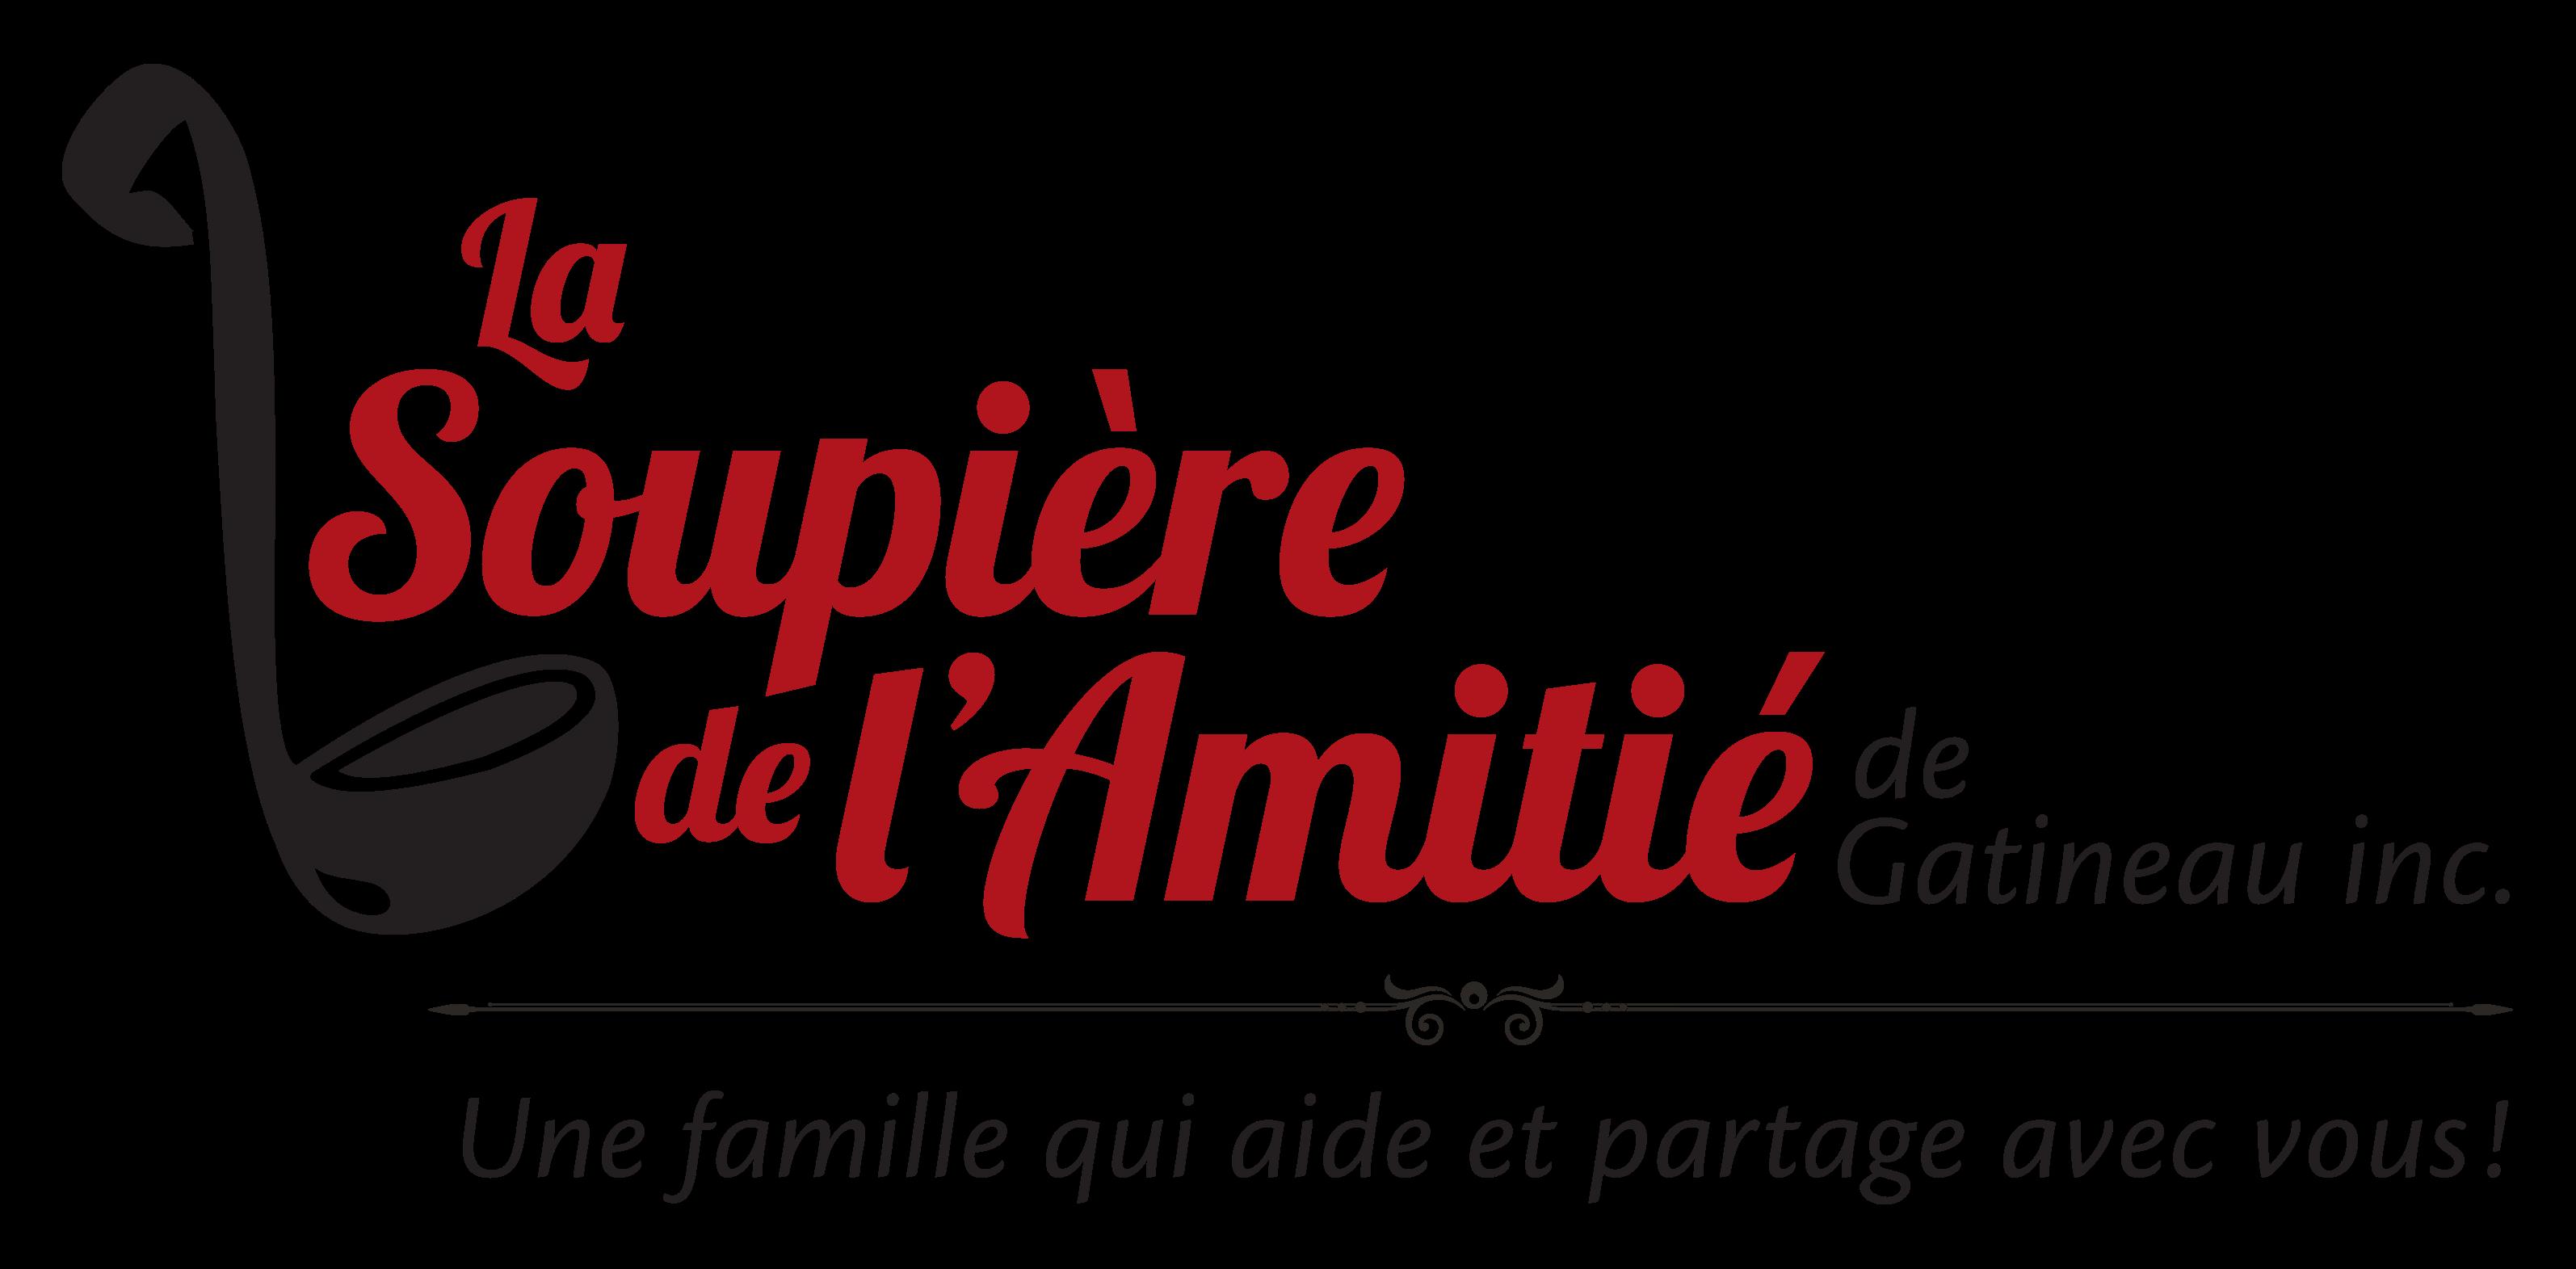 La Soupière de l'Amitié de Gatineau